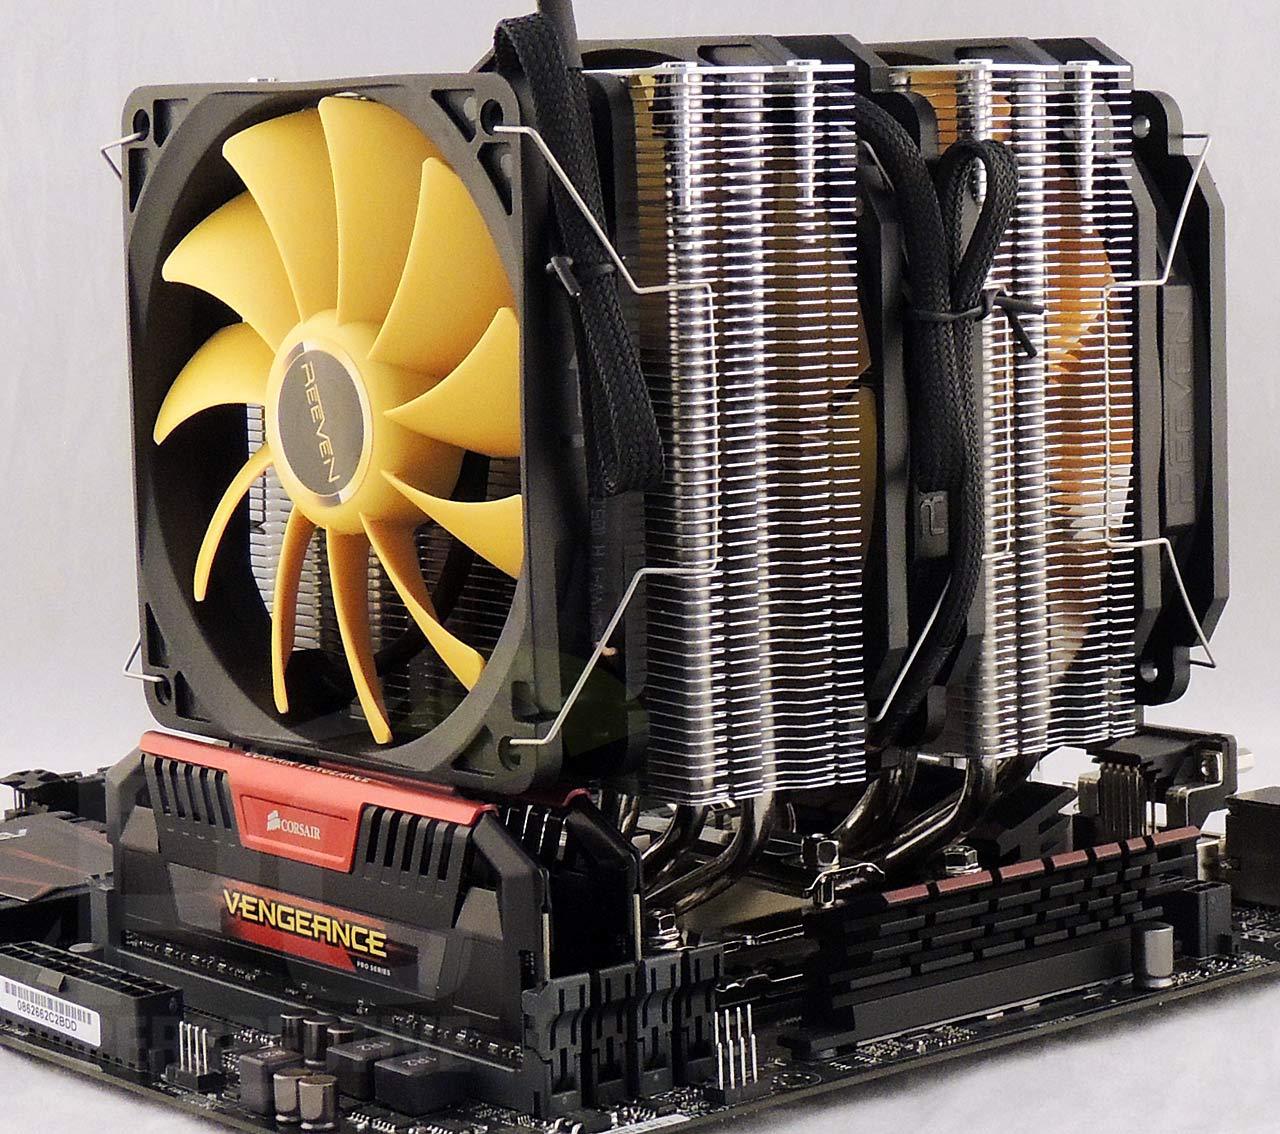 18-board-z97-cooler-3fans-front-profile.jpg